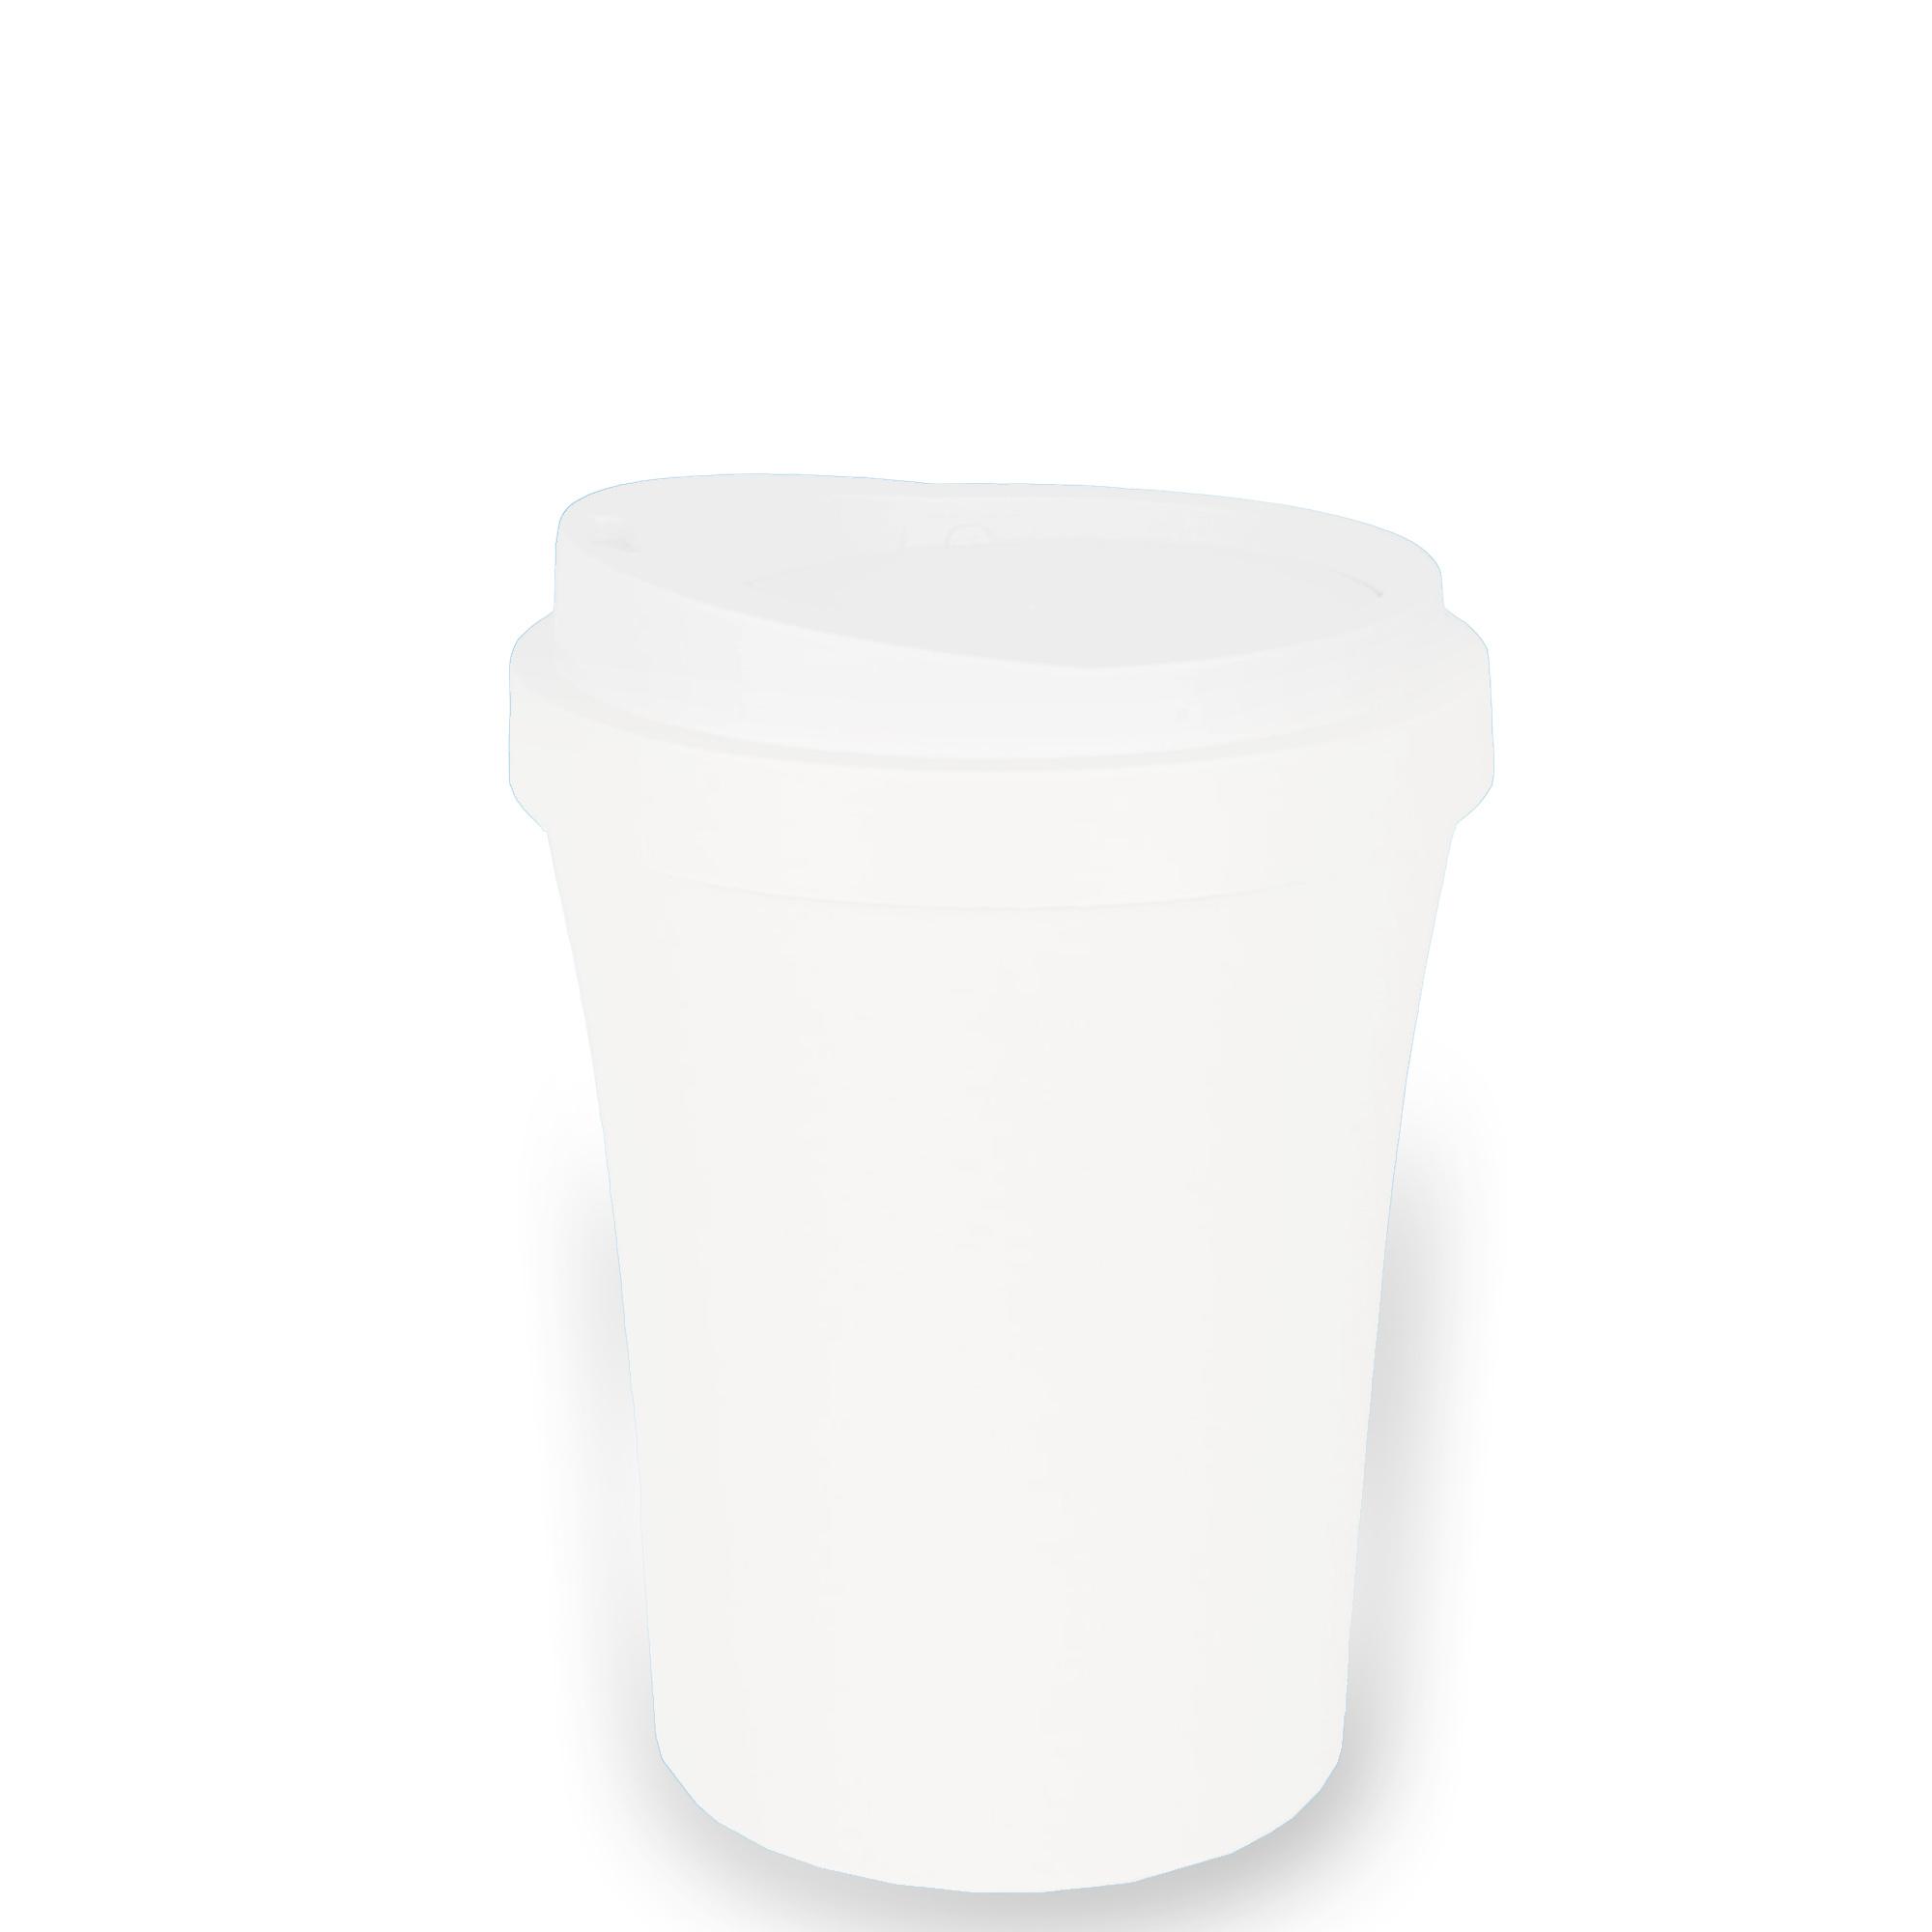 Lixeira Redonda Basculante 2.3 L - Branco